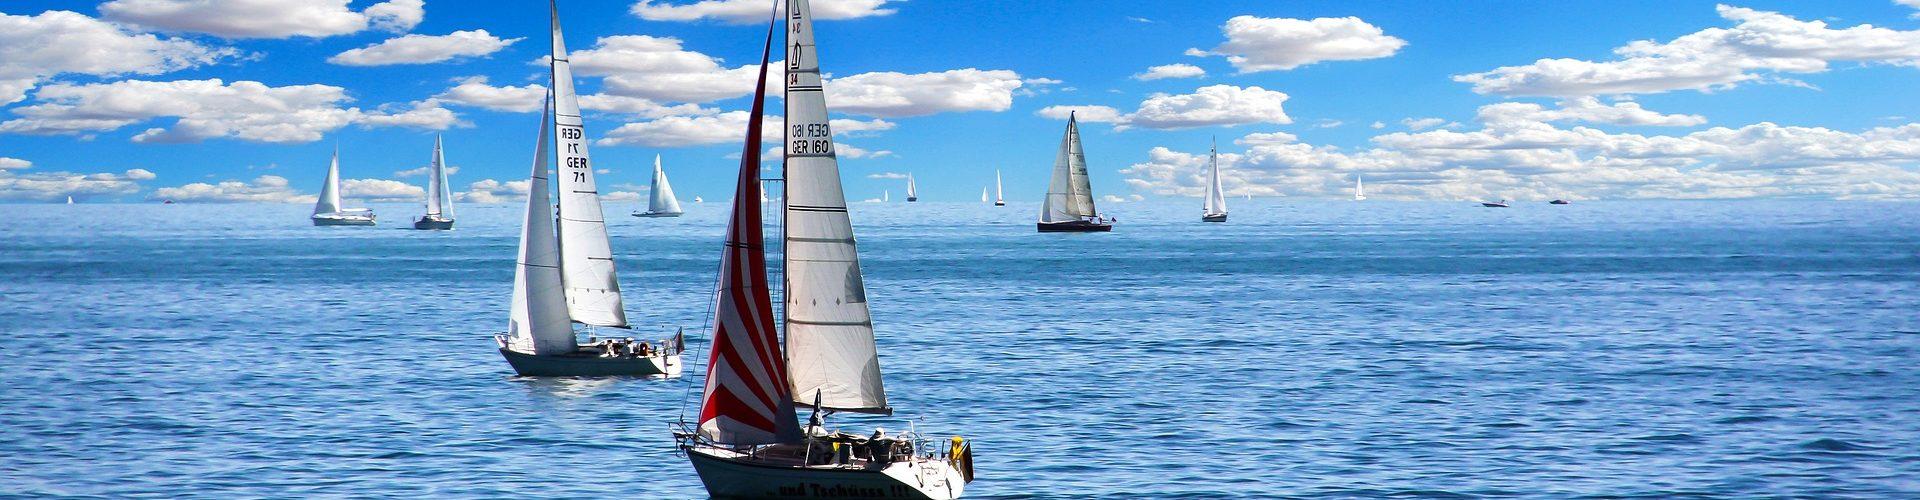 segeln lernen in Sankt Goar segelschein machen in Sankt Goar 1920x500 - Segeln lernen in Sankt Goar